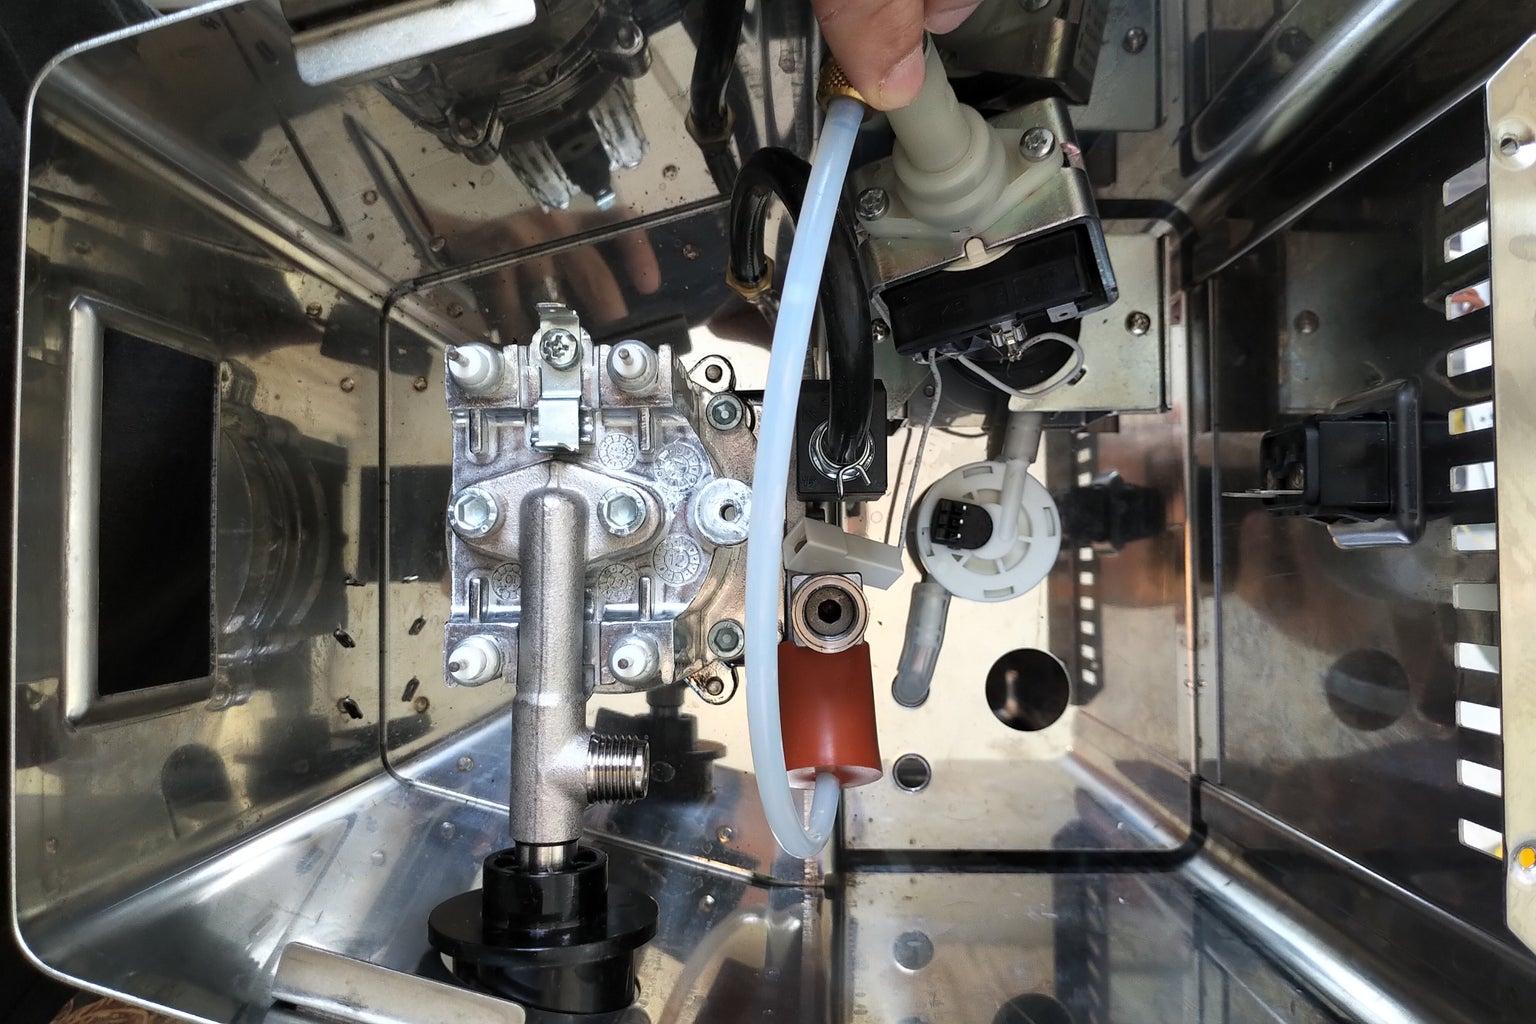 Install the Flowmeter